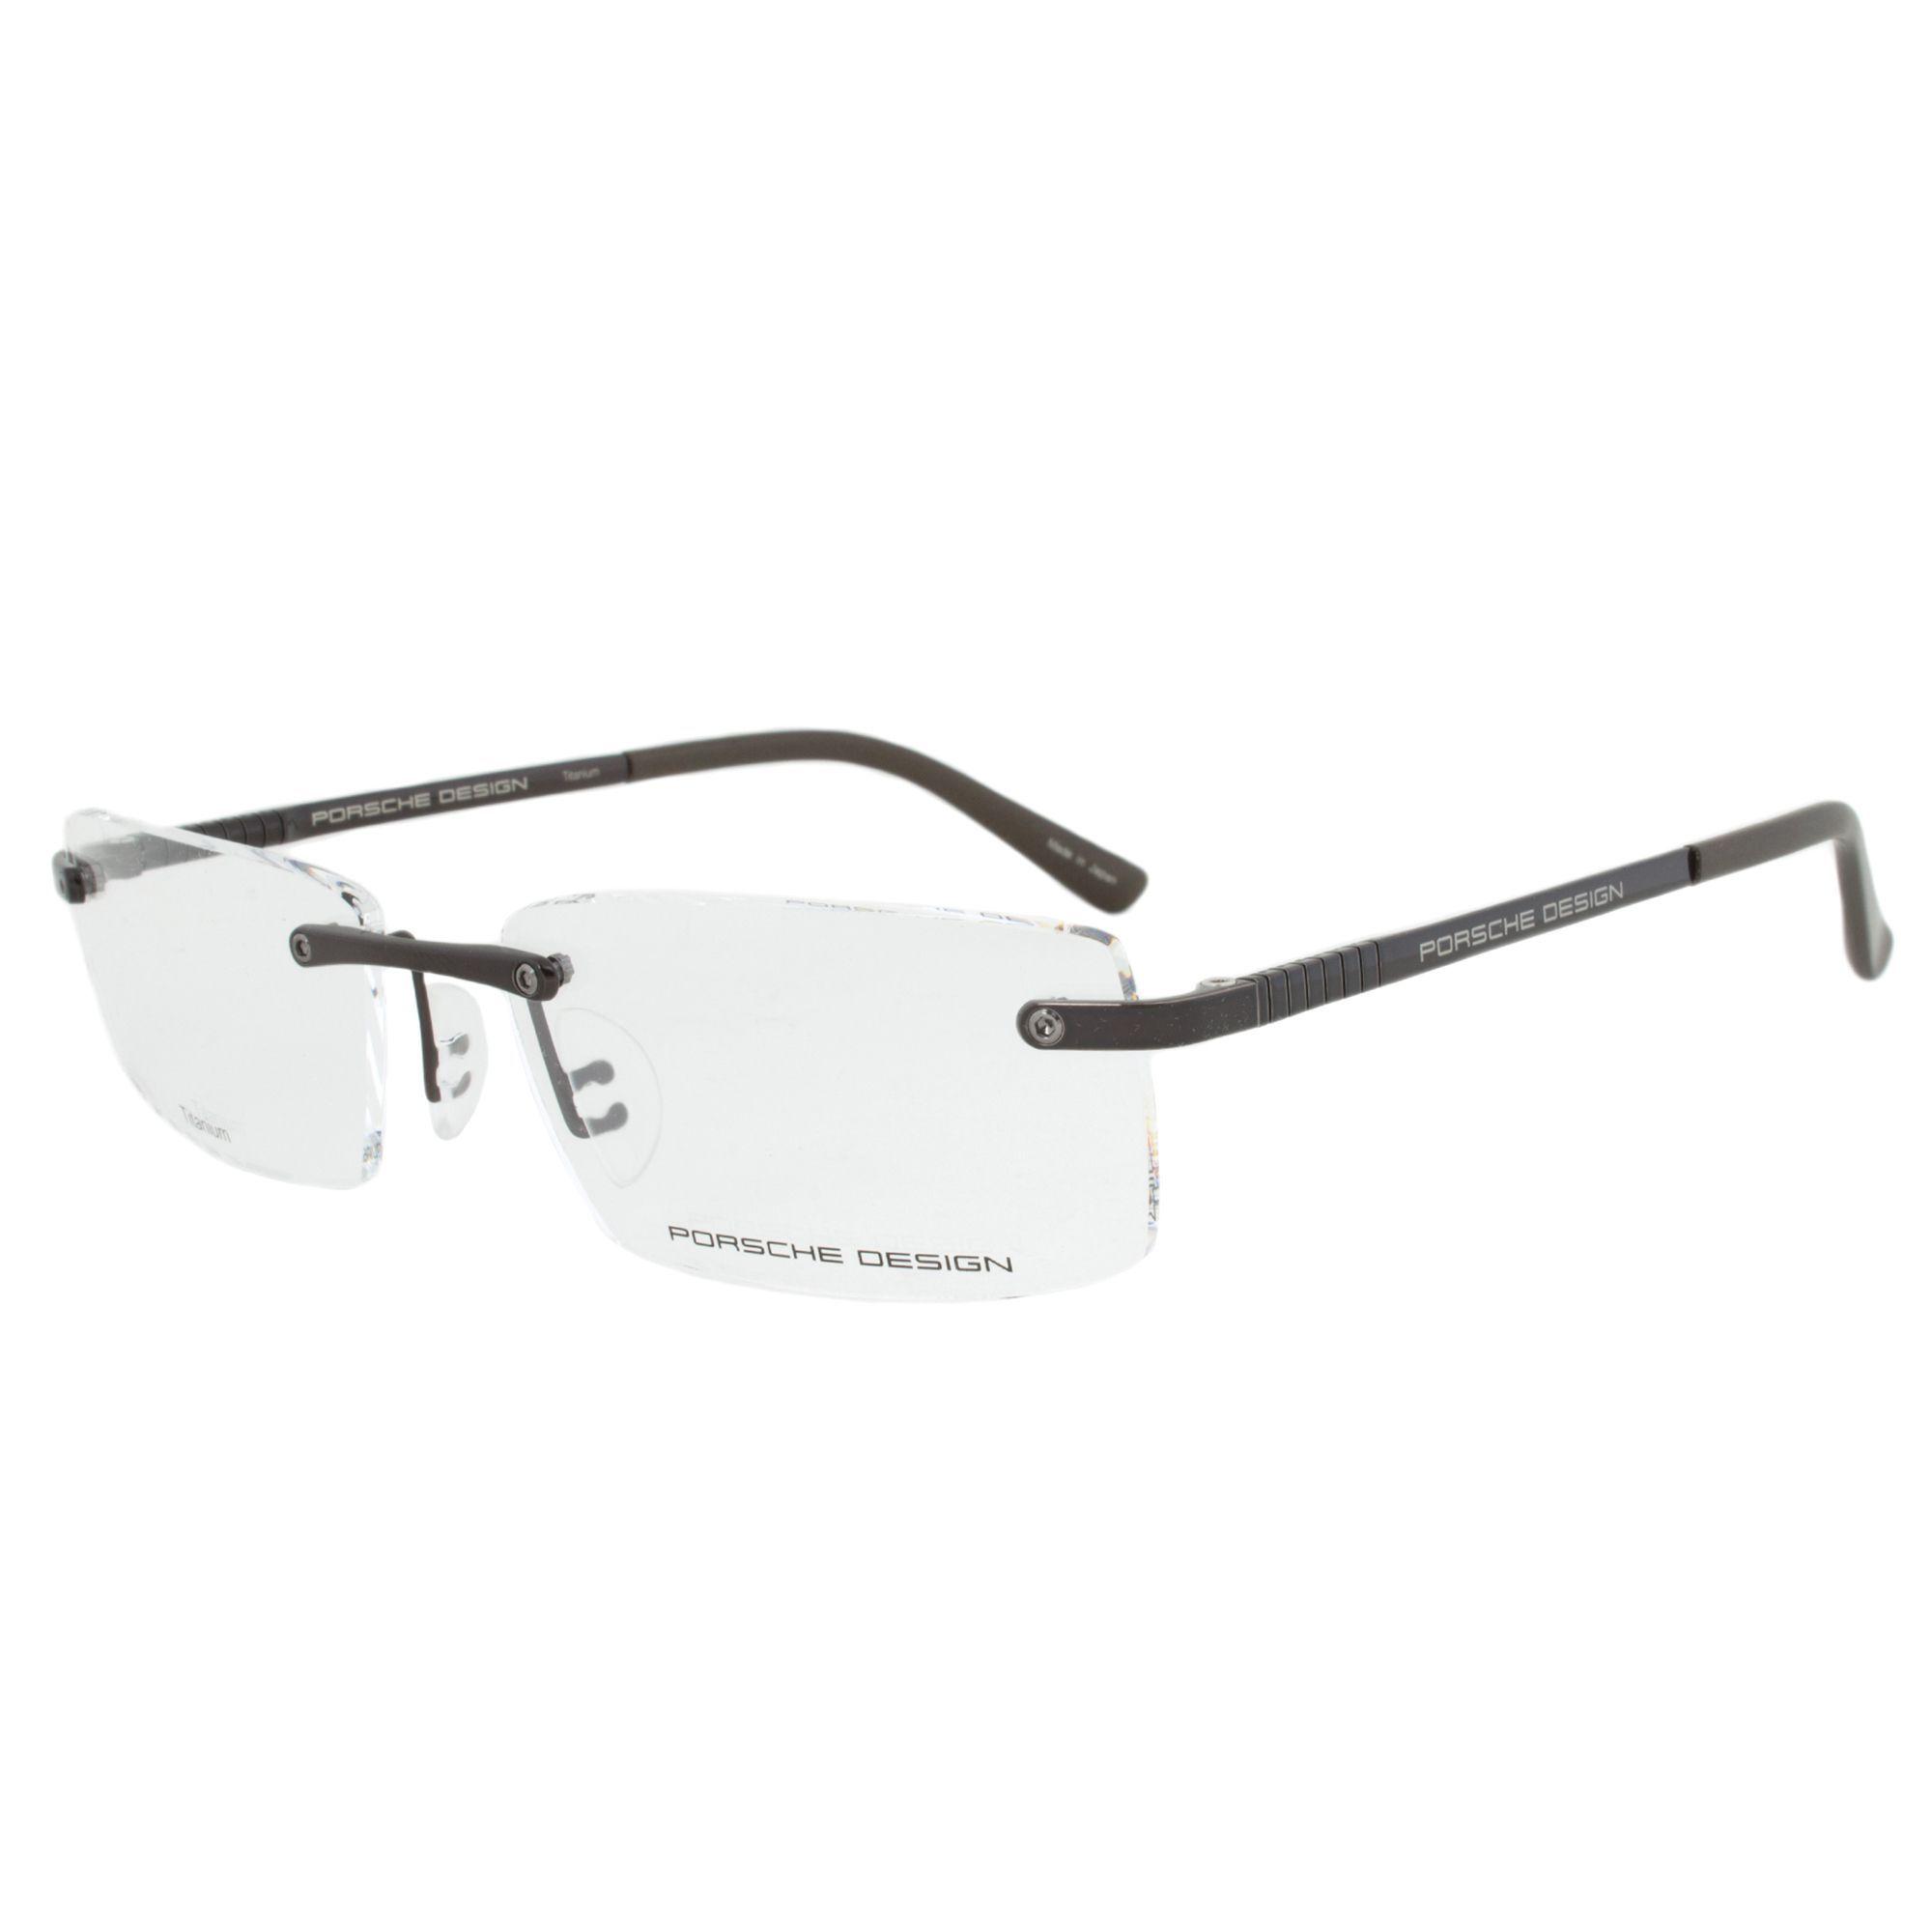 1ca78f30776 Porsche Design P8238 C Eyeglasses Frame in Dark Size 56